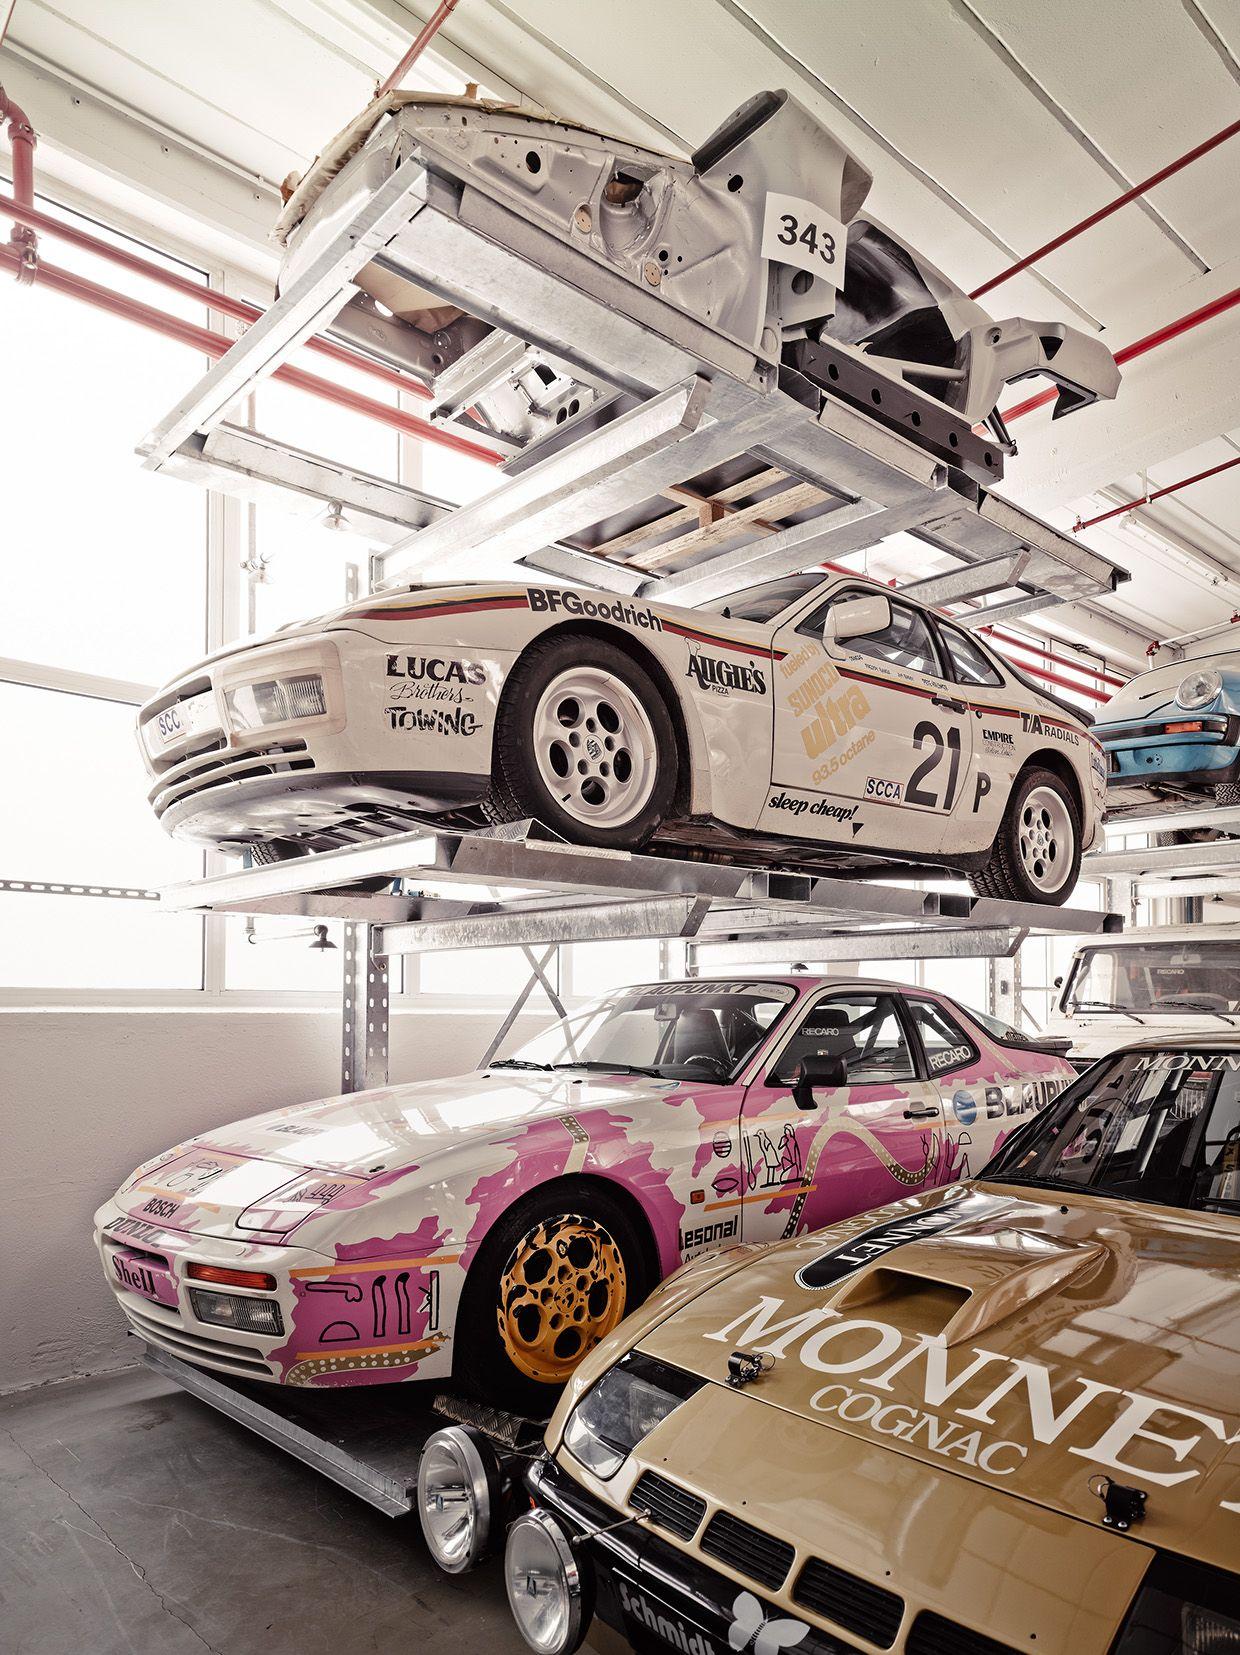 Porsche Prototypes Meet Race Cars by Steffen Jahn | Cars, Vehicle ...